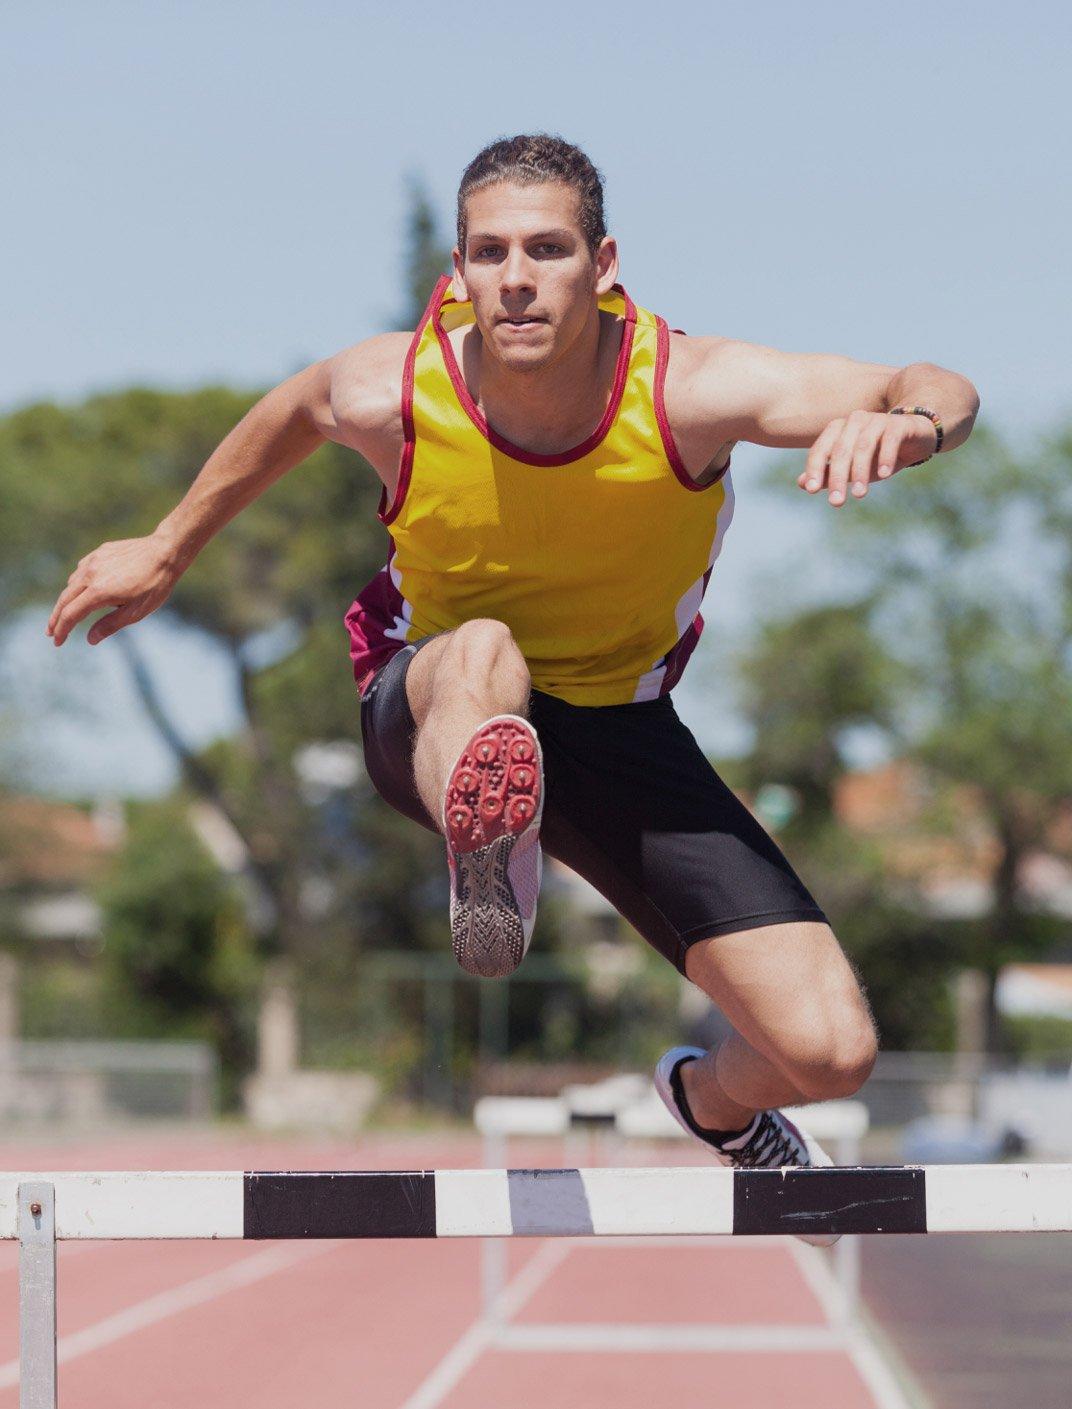 Leichtathletik Ausbildung